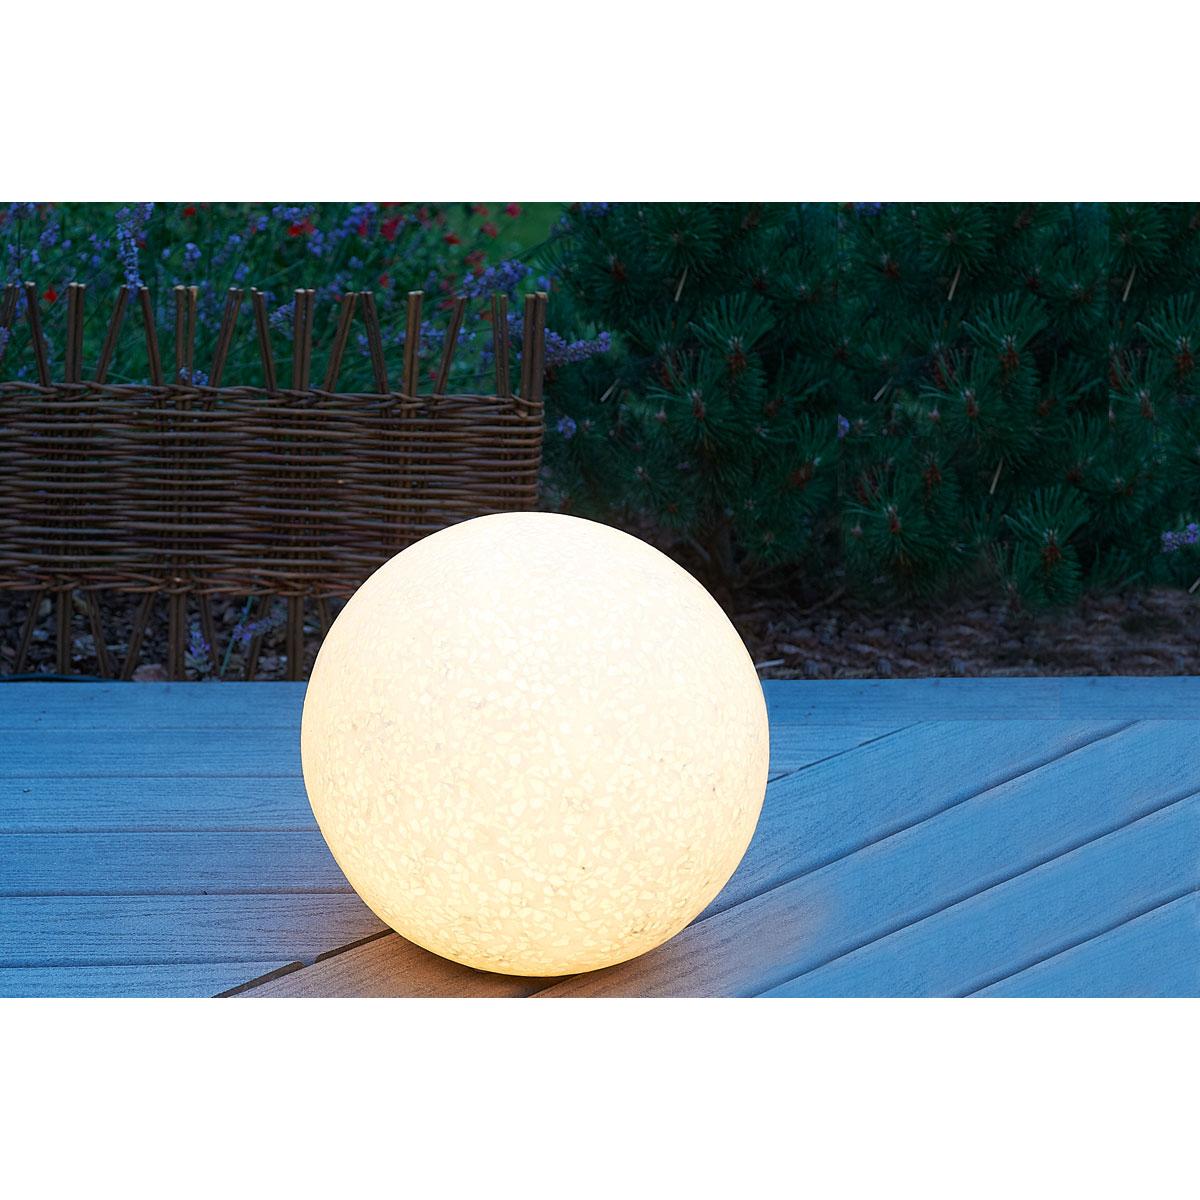 Boule lumineuse : Tout ce que pouvez faire dans votre jardin